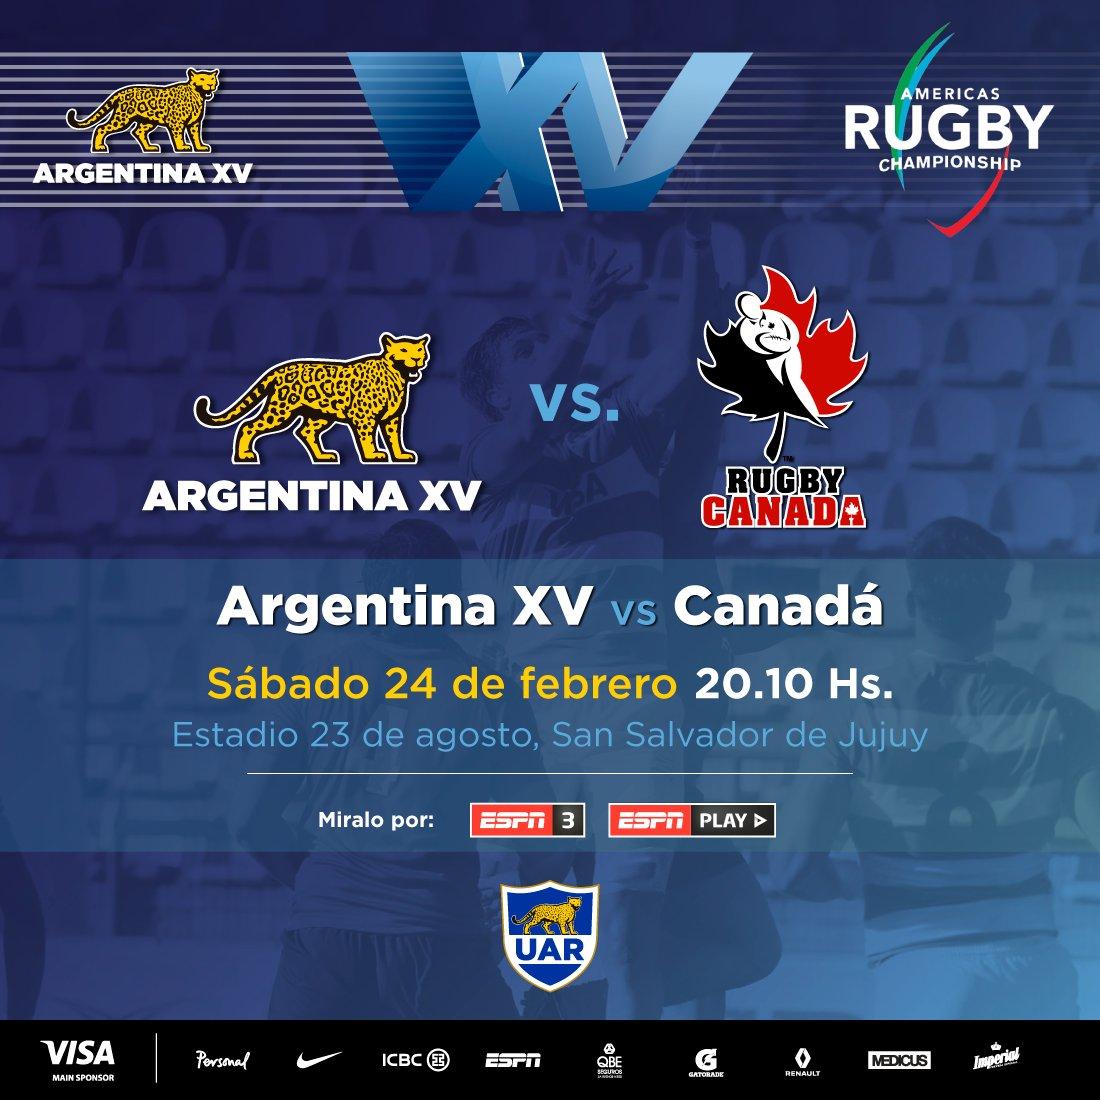 Argentina XV vs. Canadá en Jujuy en vivo por ESPN 3.